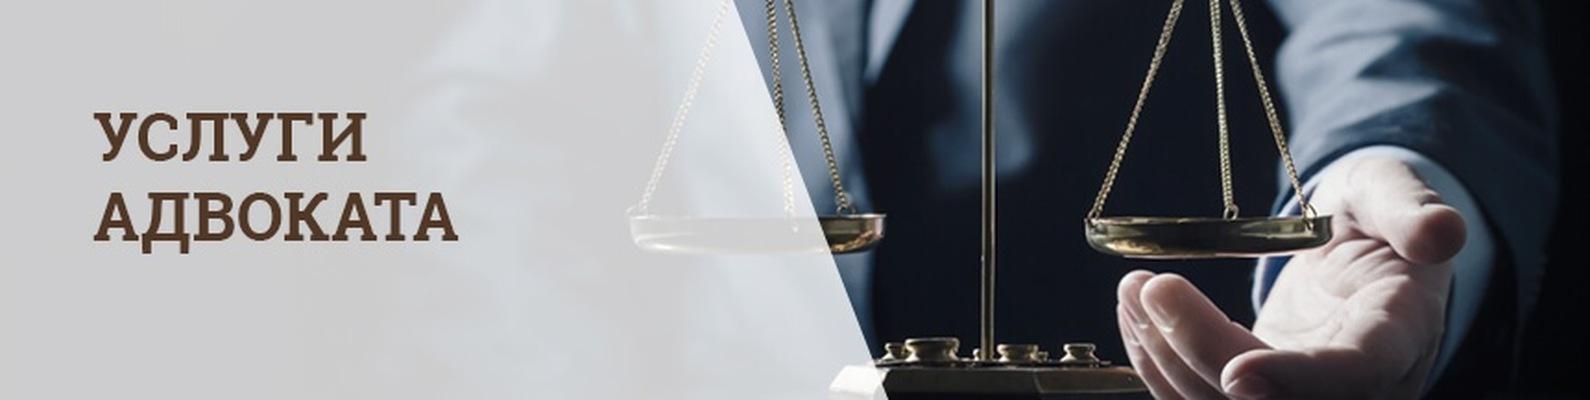 адвокат тариф услуга